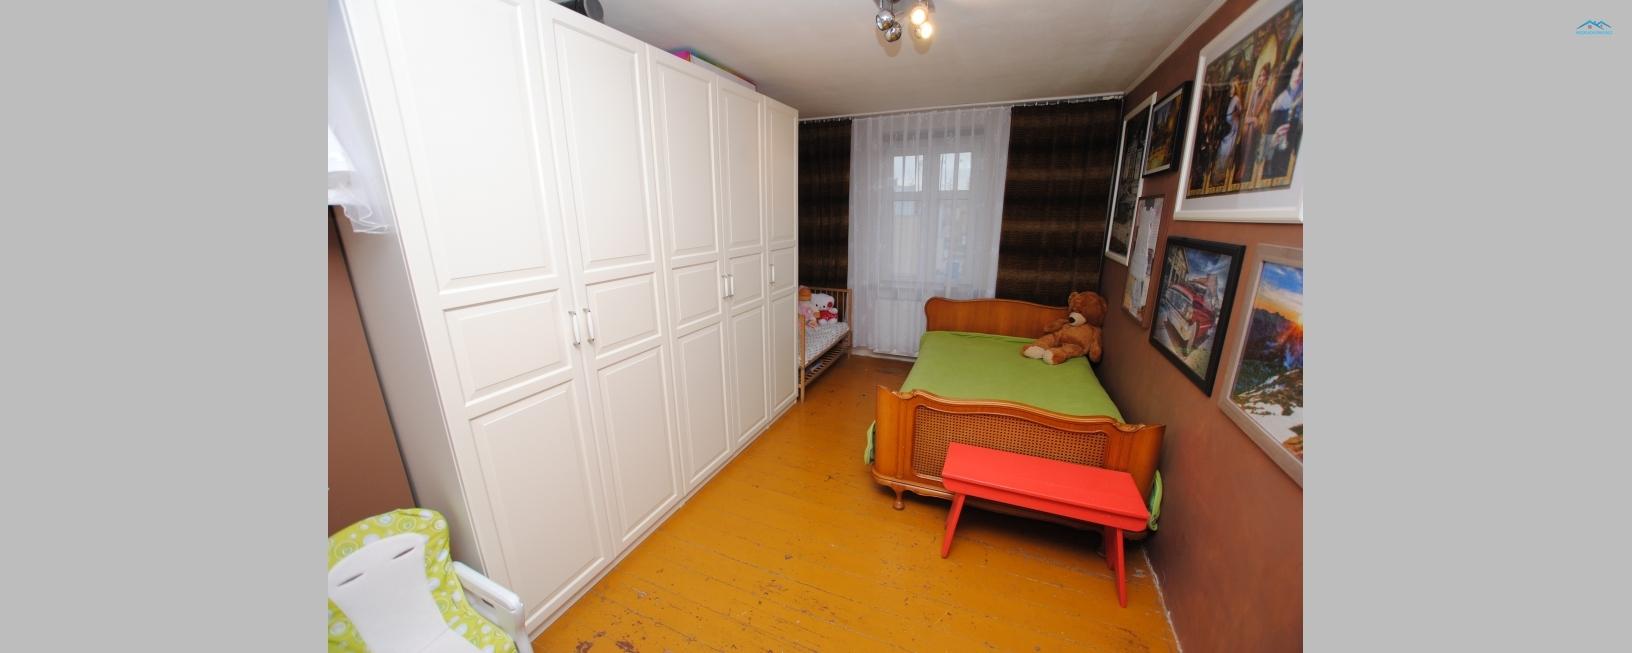 Przestronne mieszkanie blisko starówki w Tczewie